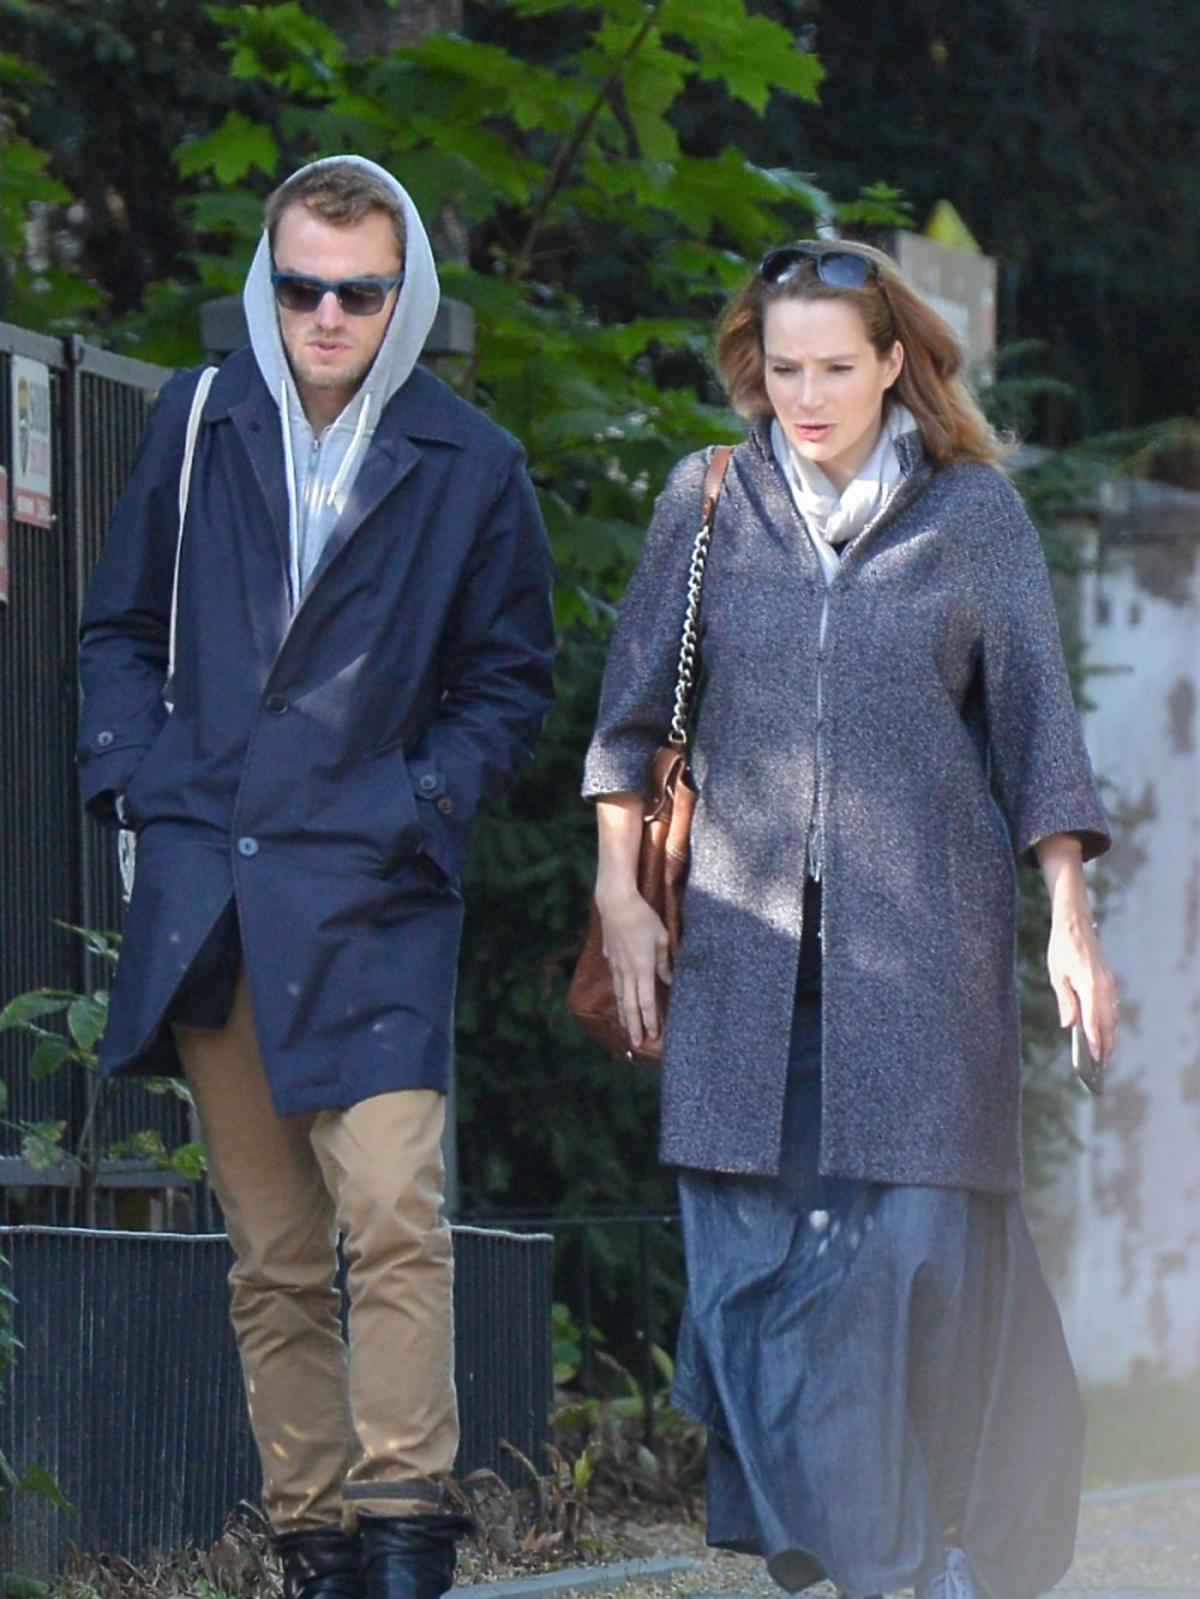 Anna Dereszowska i Daniel Duniak na spacerze